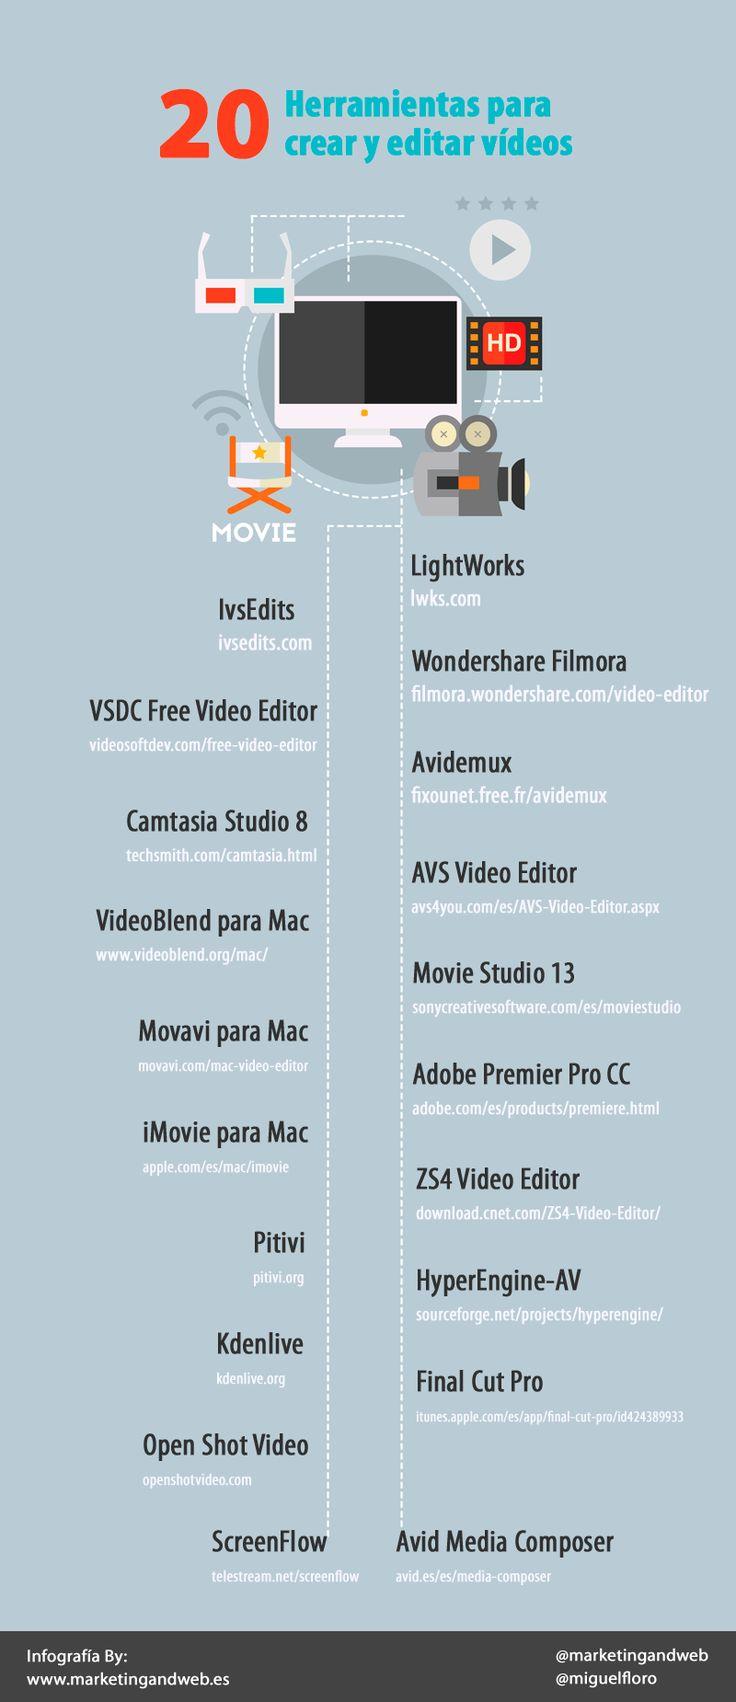 20 herramientas para crear y editar vídeo #infografia